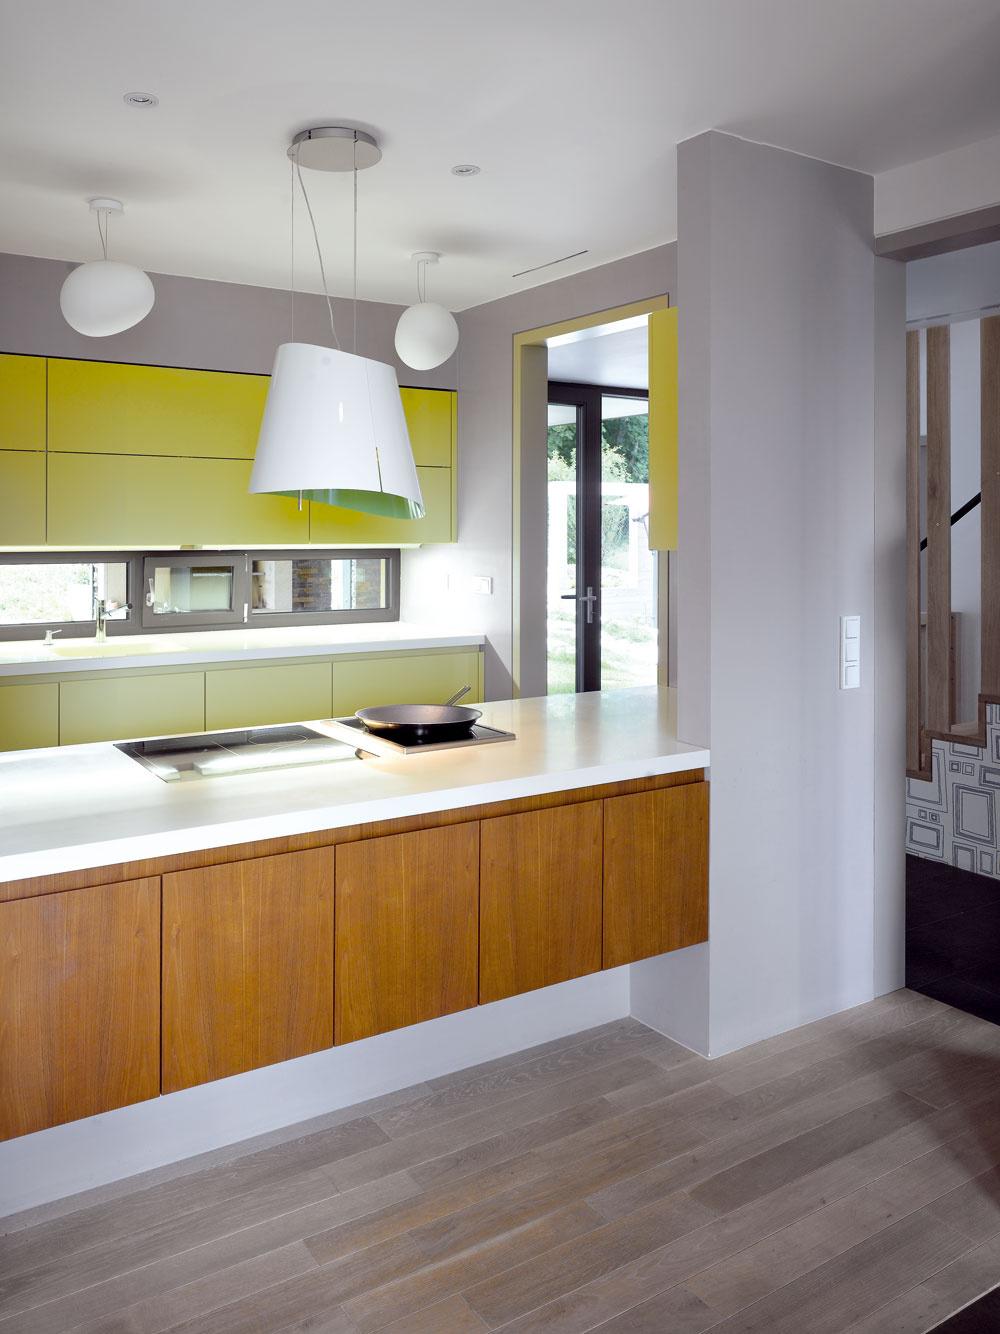 Kuchyňa je opticky prepojená nie len s interiérom, ale aj s exteriérom.